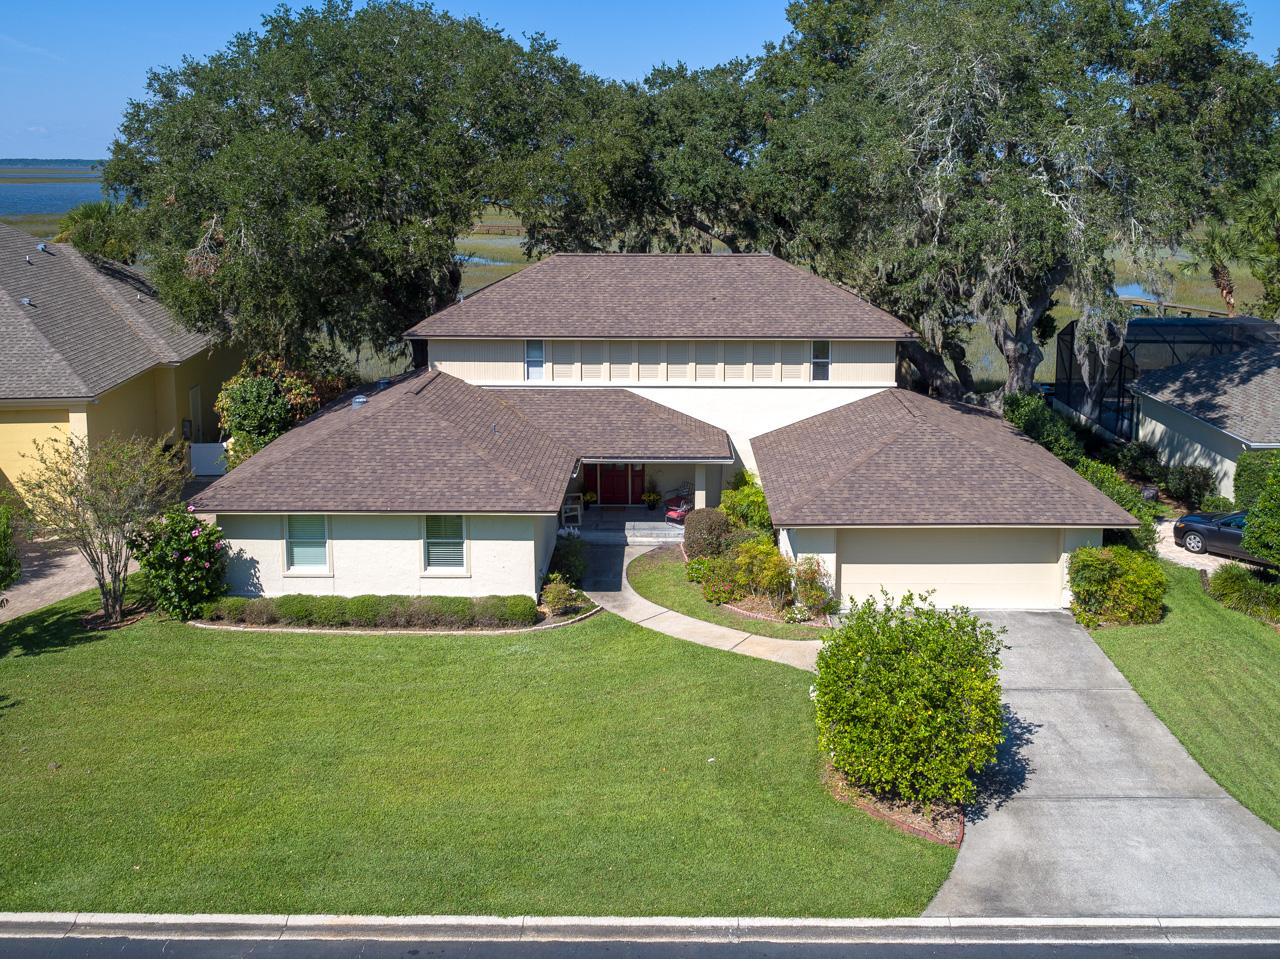 Nhà ở một gia đình vì Bán tại Marshfront Home on the Amelia River 1244 Harrison Point Trail Amelia Island, Florida, 32034 Hoa Kỳ